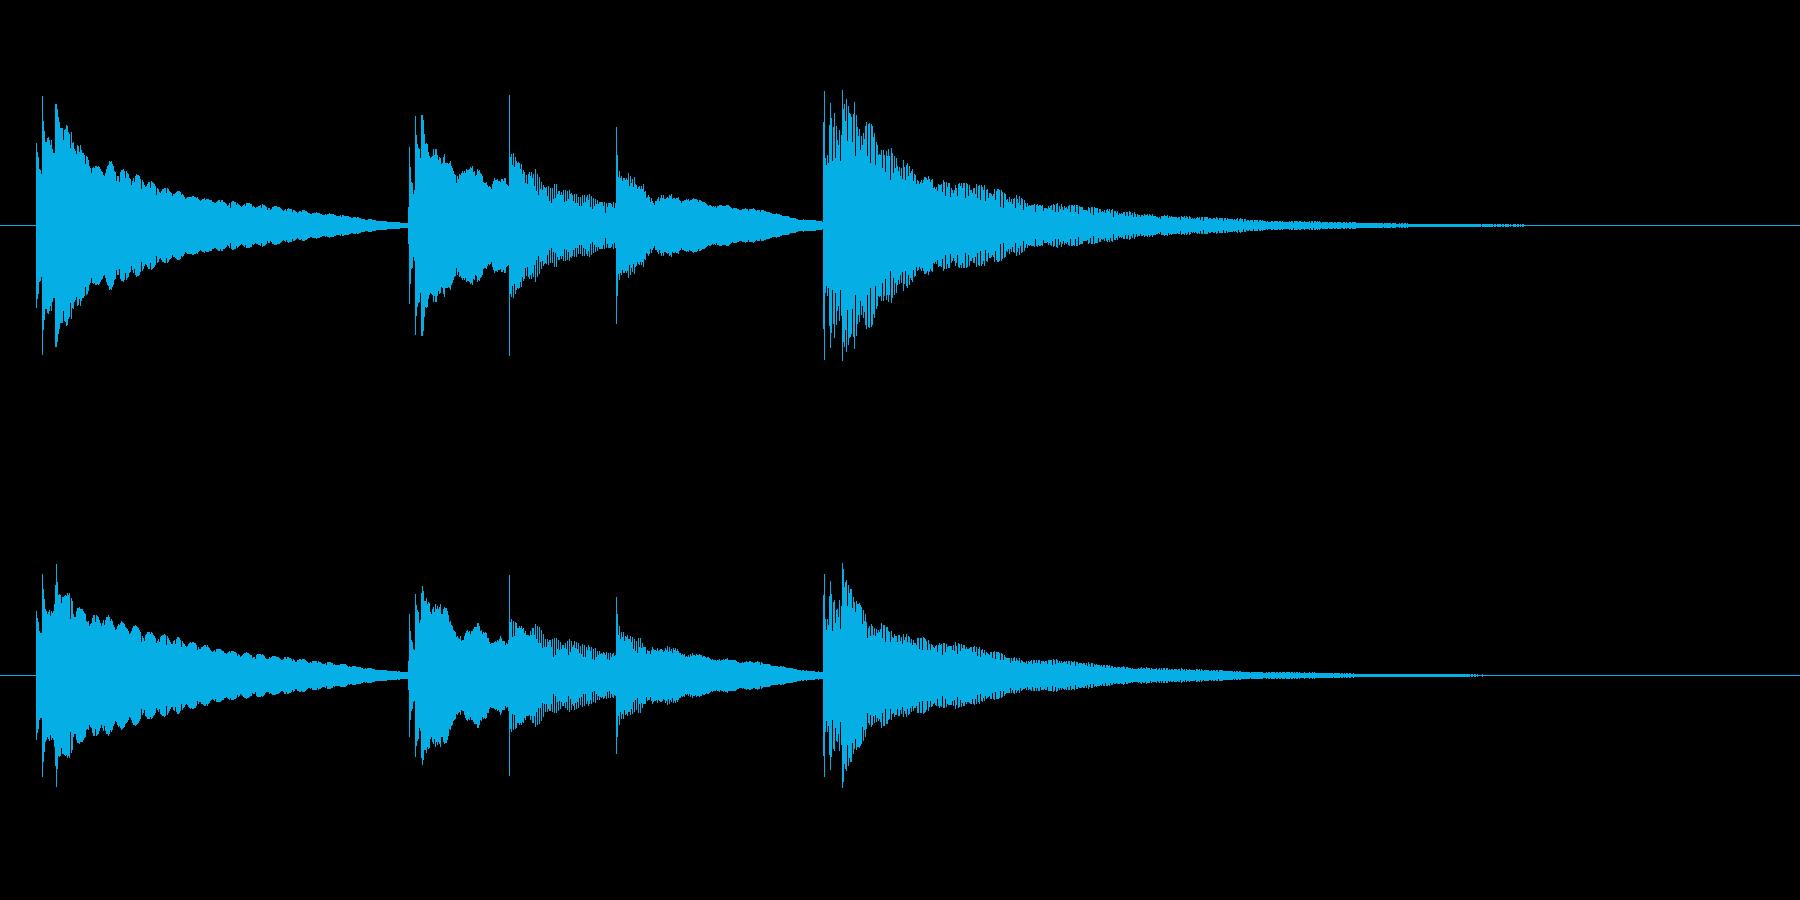 入眠オルゴールです の再生済みの波形